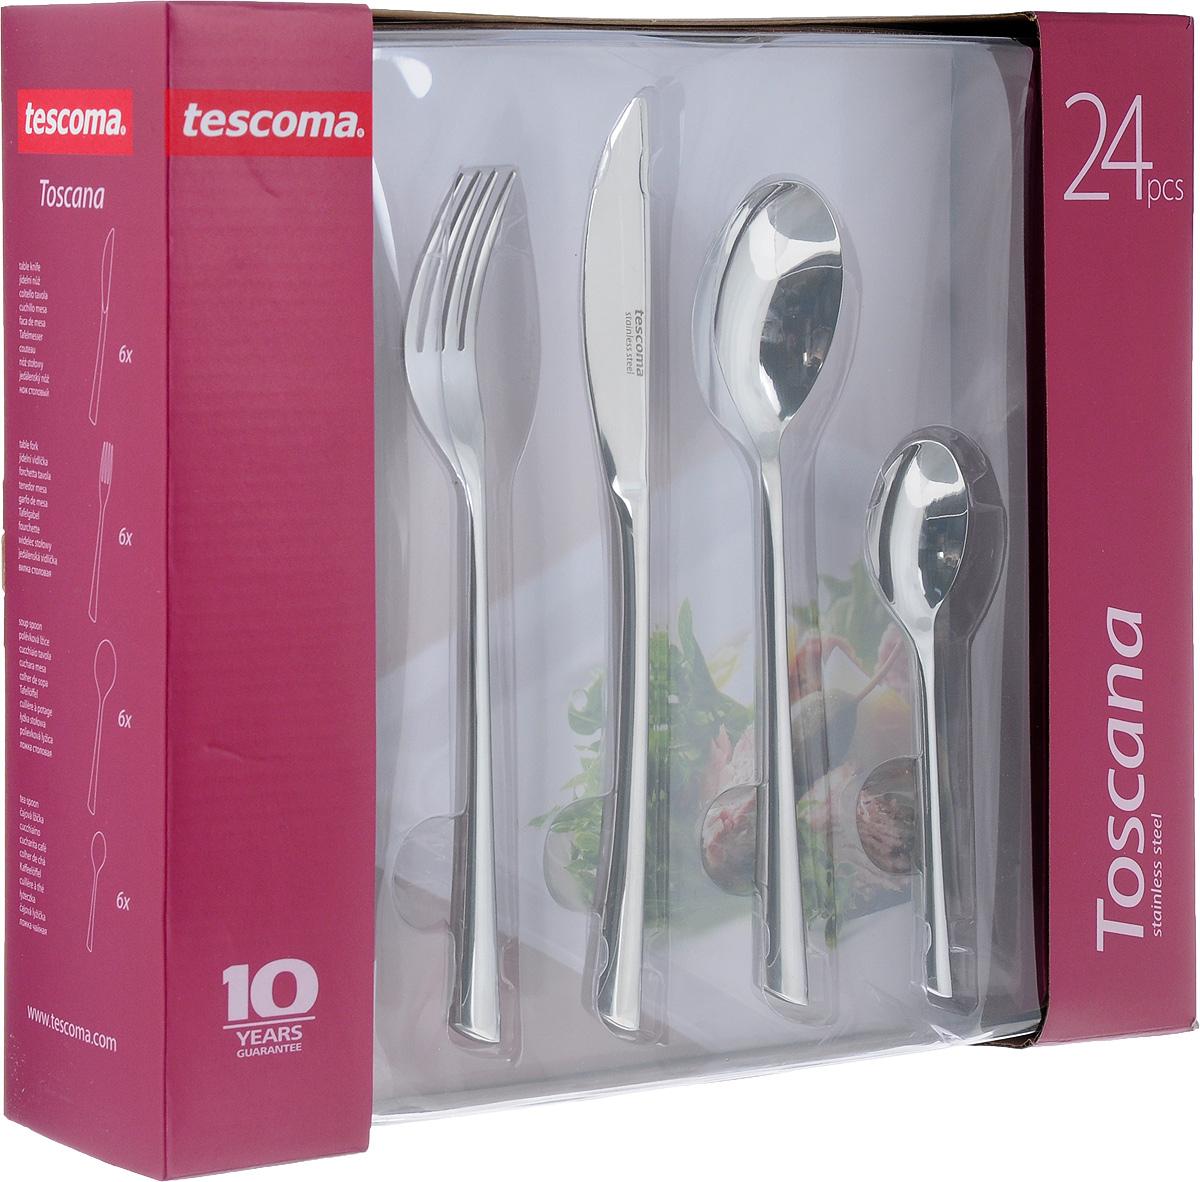 Набор столовых приборов Tescoma Toscana, 24 предмета397006Набор столовых приборов Tescoma Toscana включает 24 предмета: 6 столовых ножей, 6 столовых ложек, 6 столовых вилок и 6 чайных ложек. Приборы выполнены из прочной нержавеющей стали, которая придает столовым приборам блеск, а ножам необходимую остроту.Набор Tescoma Toscana поставляется в изящной упаковке и может служить готовым праздничным подарком! Создайте атмосферу уюта и праздника с безупречными столовыми приборами Tescoma Toscana.Изделия можно мыть в посудомоечной машине.Длина столовой ложки: 20 см.Размер рабочей части ложки: 4,5 х 6,5 см.Длина столовой вилки: 20,5 см.Размер рабочей части вилки: 2,3 х 6 см.Длина столового ножа: 22 см.Размер рабочей части ножа: 2 х 9 см.Длина чайной ложки: 13,2 см.Размер рабочей части чайной ложки: 3 х 4,5 см.